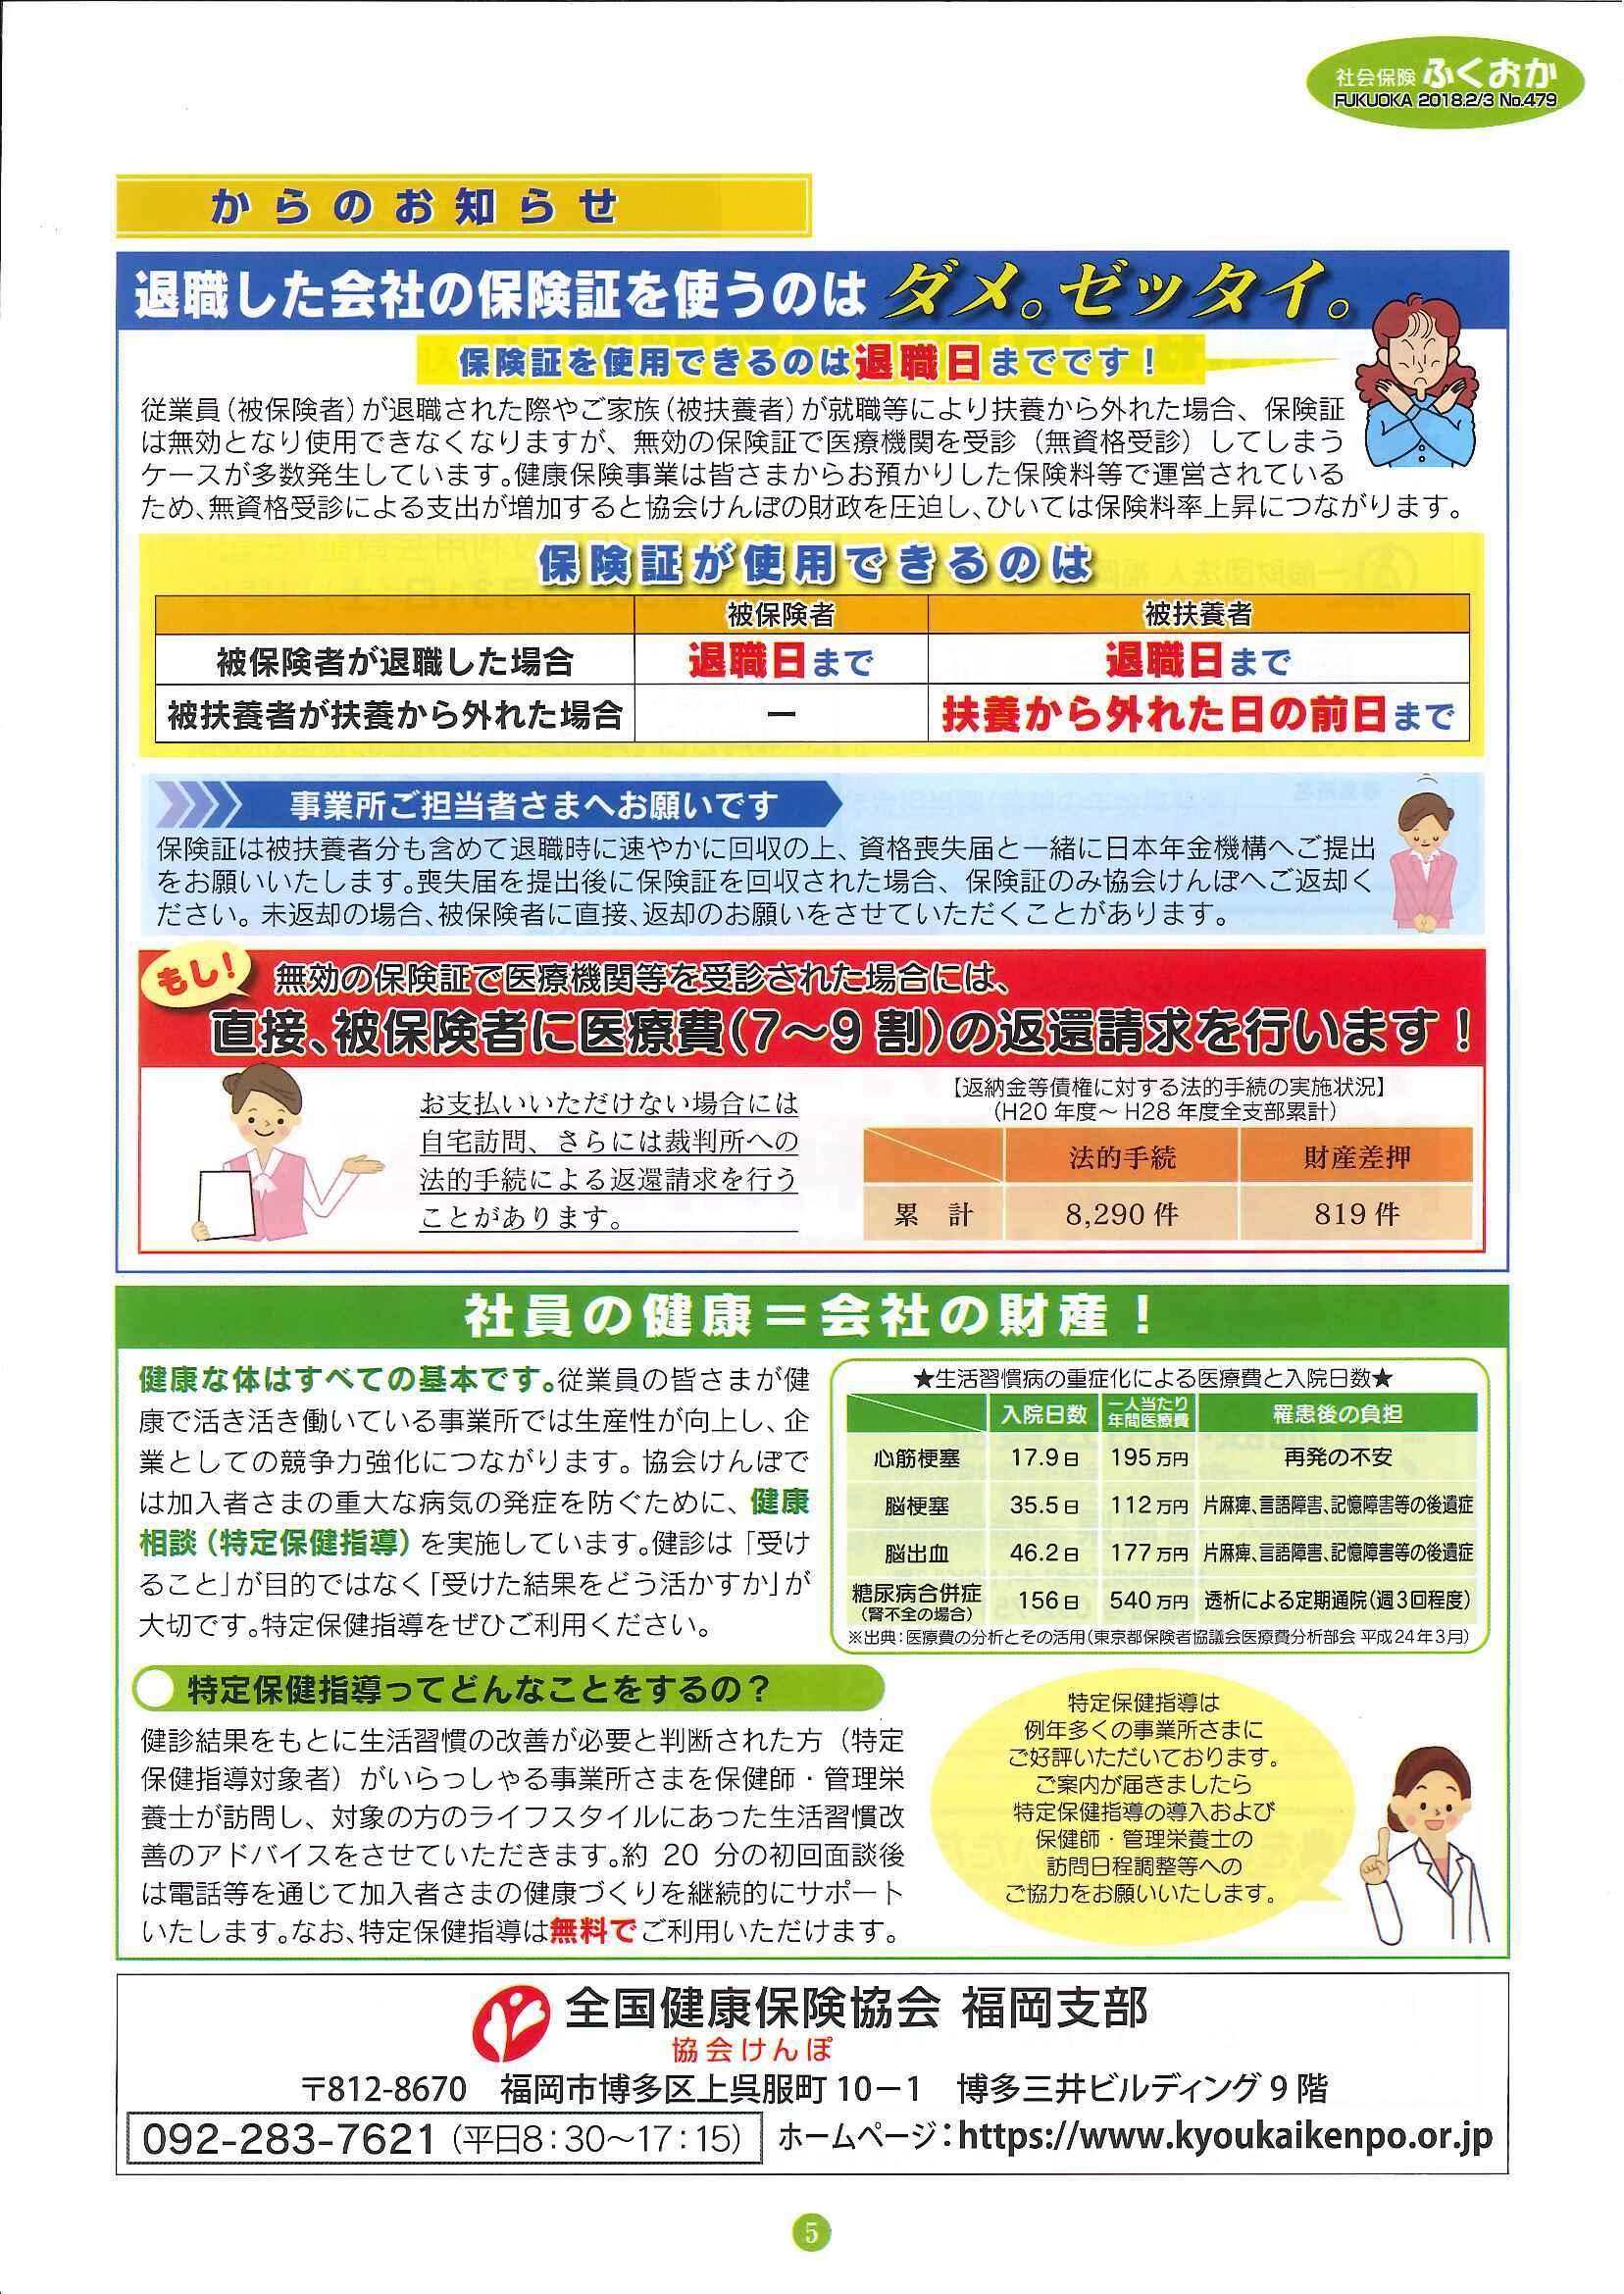 社会保険 「ふくおか」2018年2・3月号_f0120774_16014809.jpg